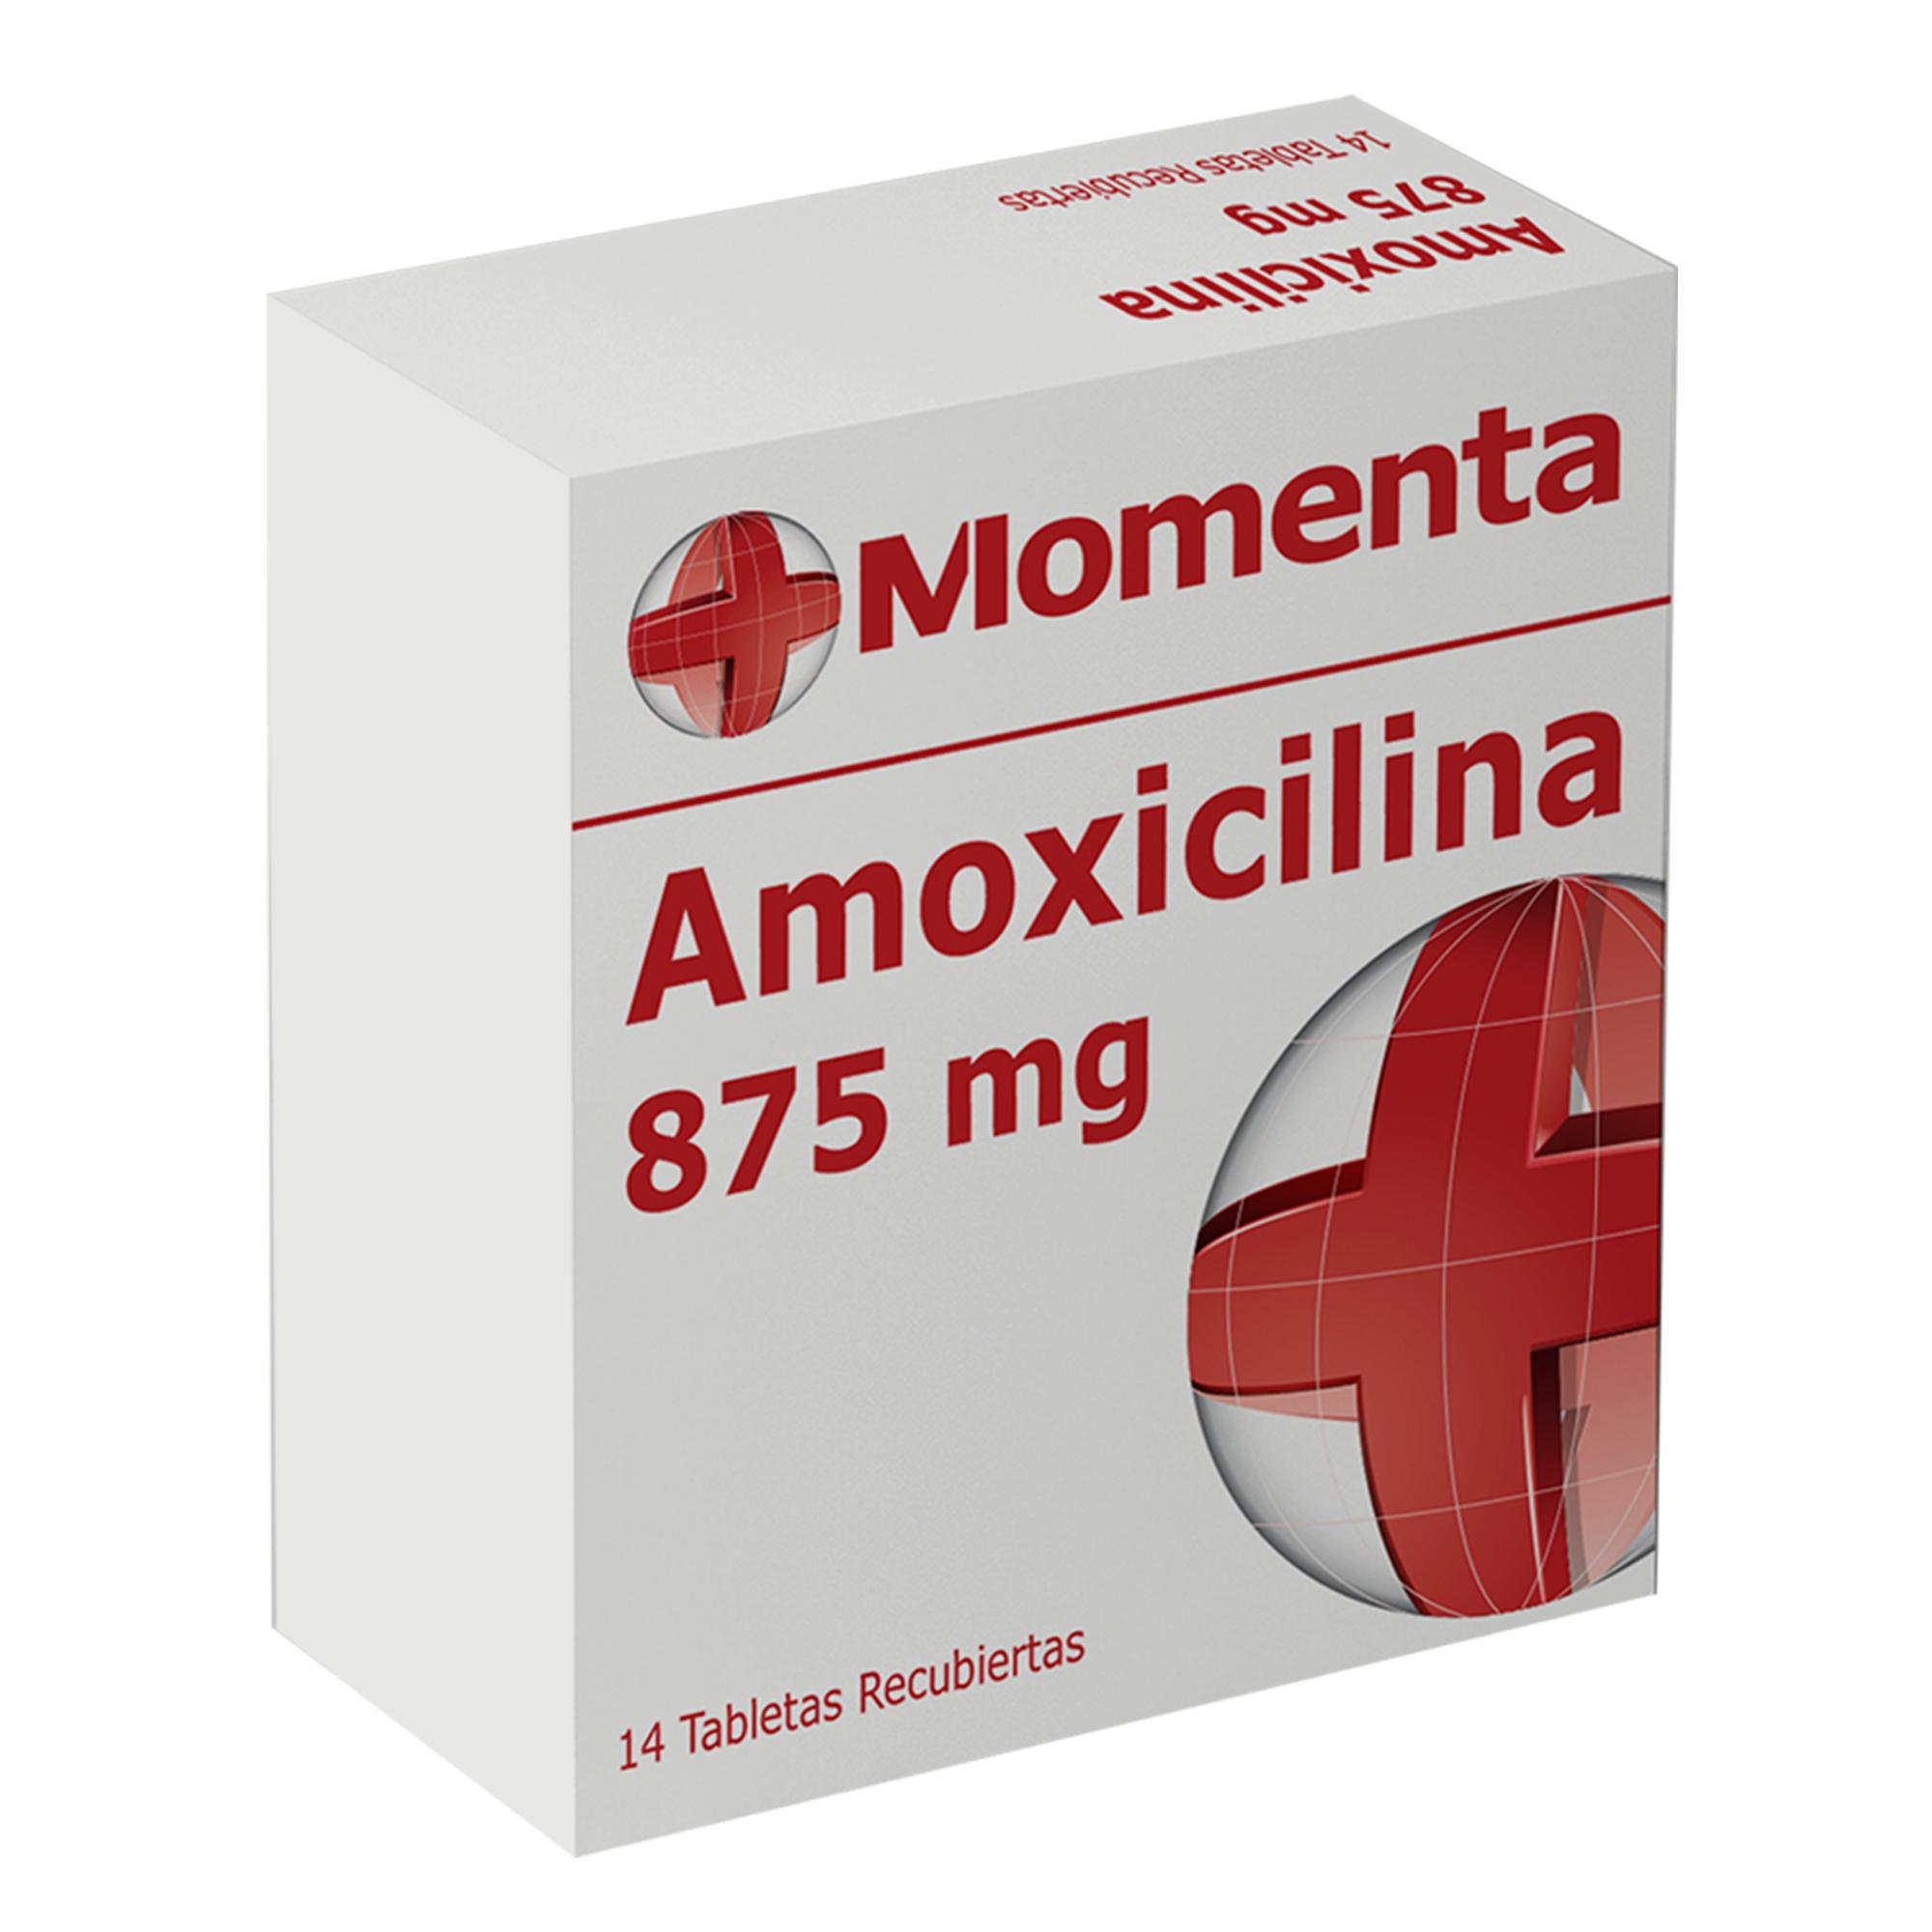 Imágenes numeradas - Página 18 Arte-Amoxicilina-875mg-X-14-tab-2-1